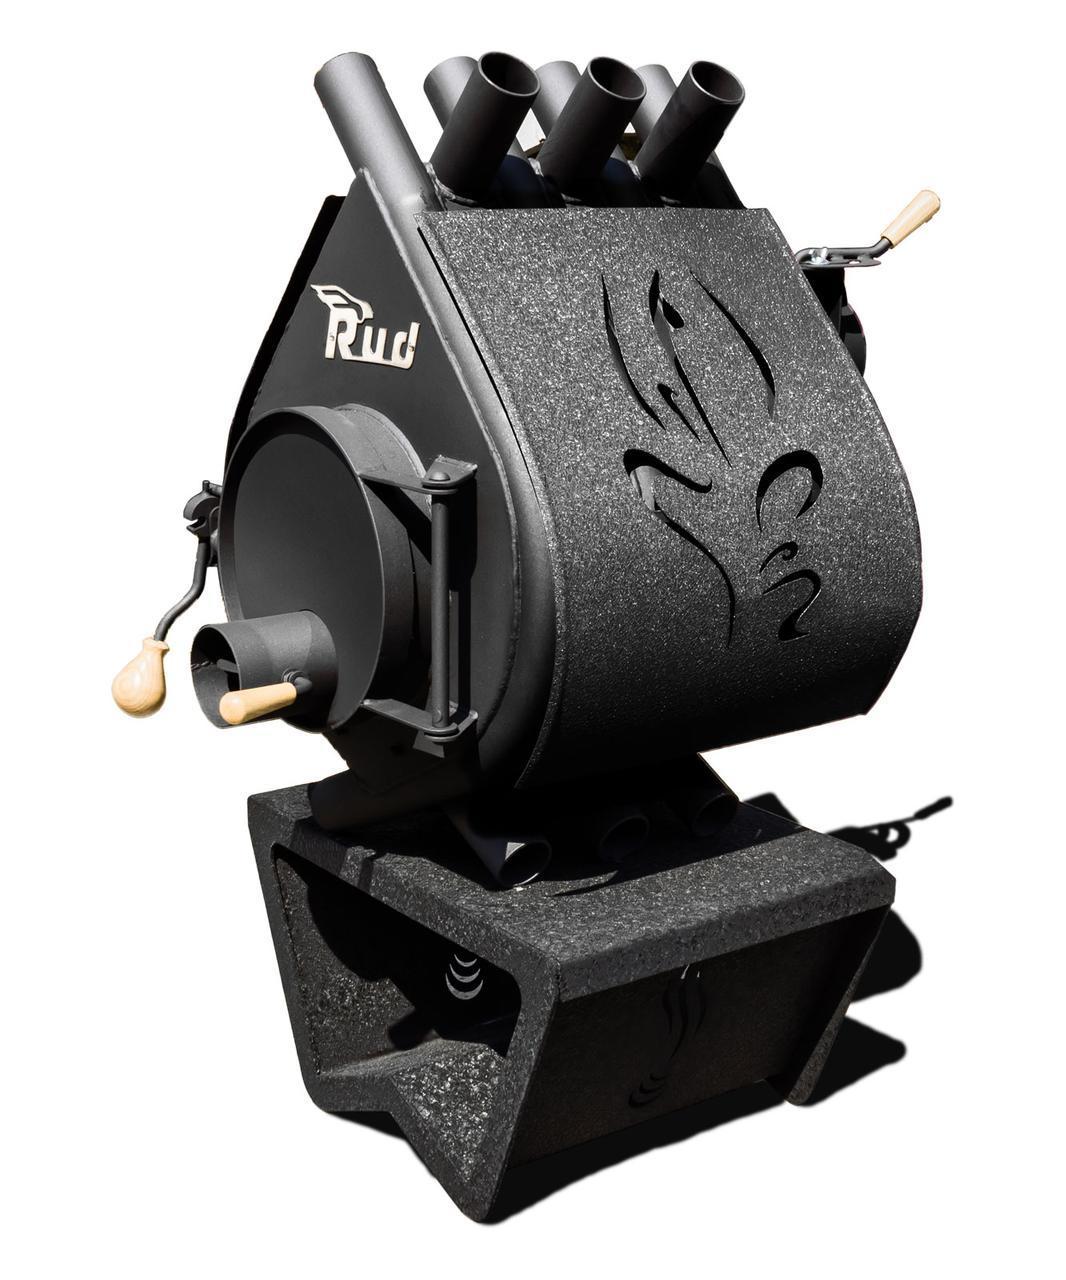 Піч Rud Pyrotron Кантрі 00 (опалювальна площа 40 кв. м х 2,5 м) без скла, з декоративною обшивкою (чорна)